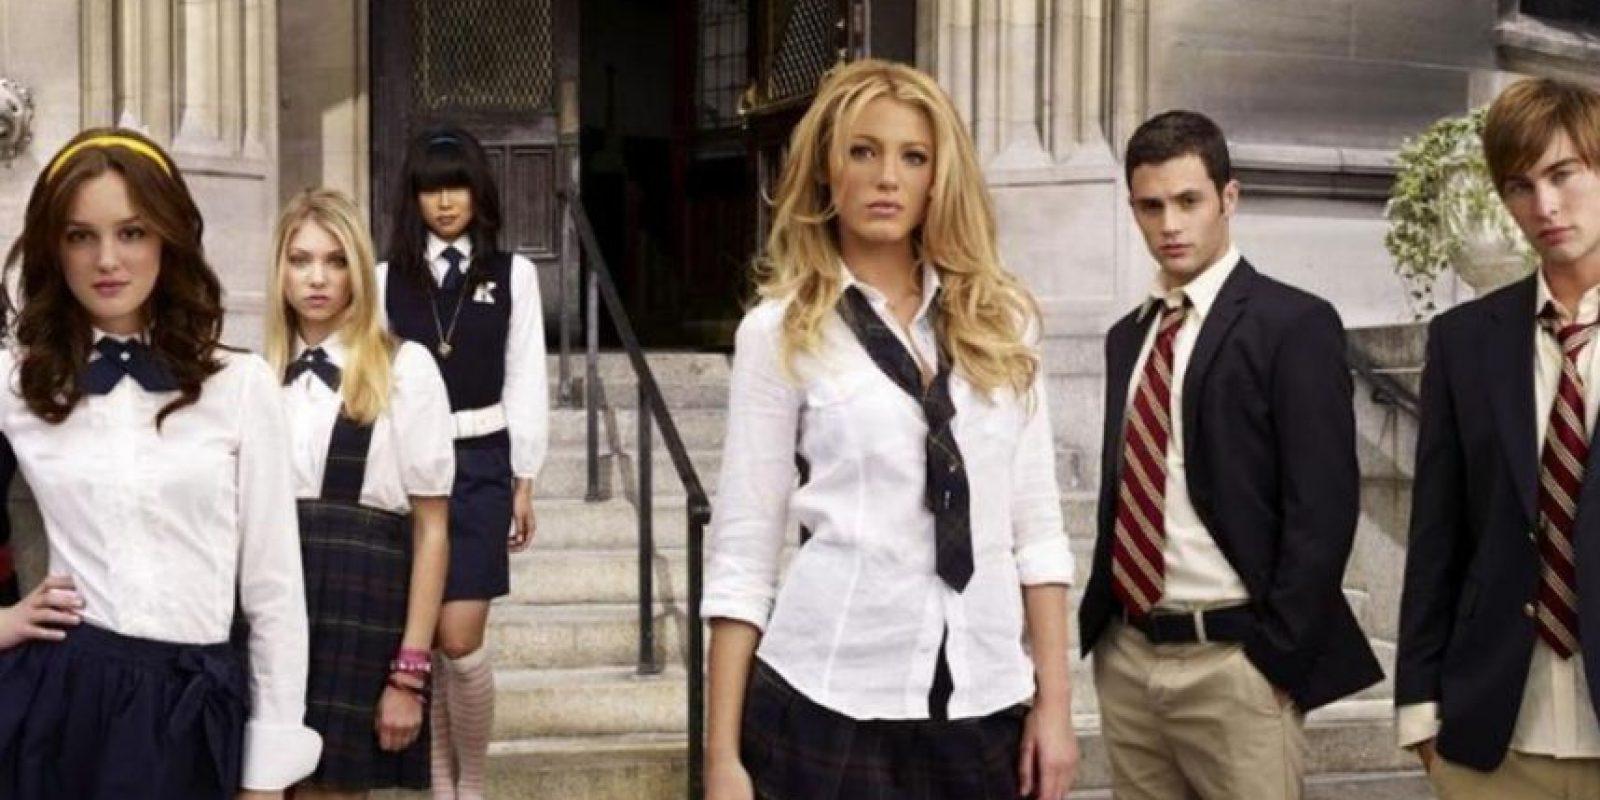 """La serie duró cinco años, de 2007 hasta 2012. Mostraba las andanzas de los niños ricos del Upper East Side en Manhattan. Todo lo documentaba la misteriosa bloguer """"Gossip Girl"""". Foto:vía The CW. Imagen Por:"""